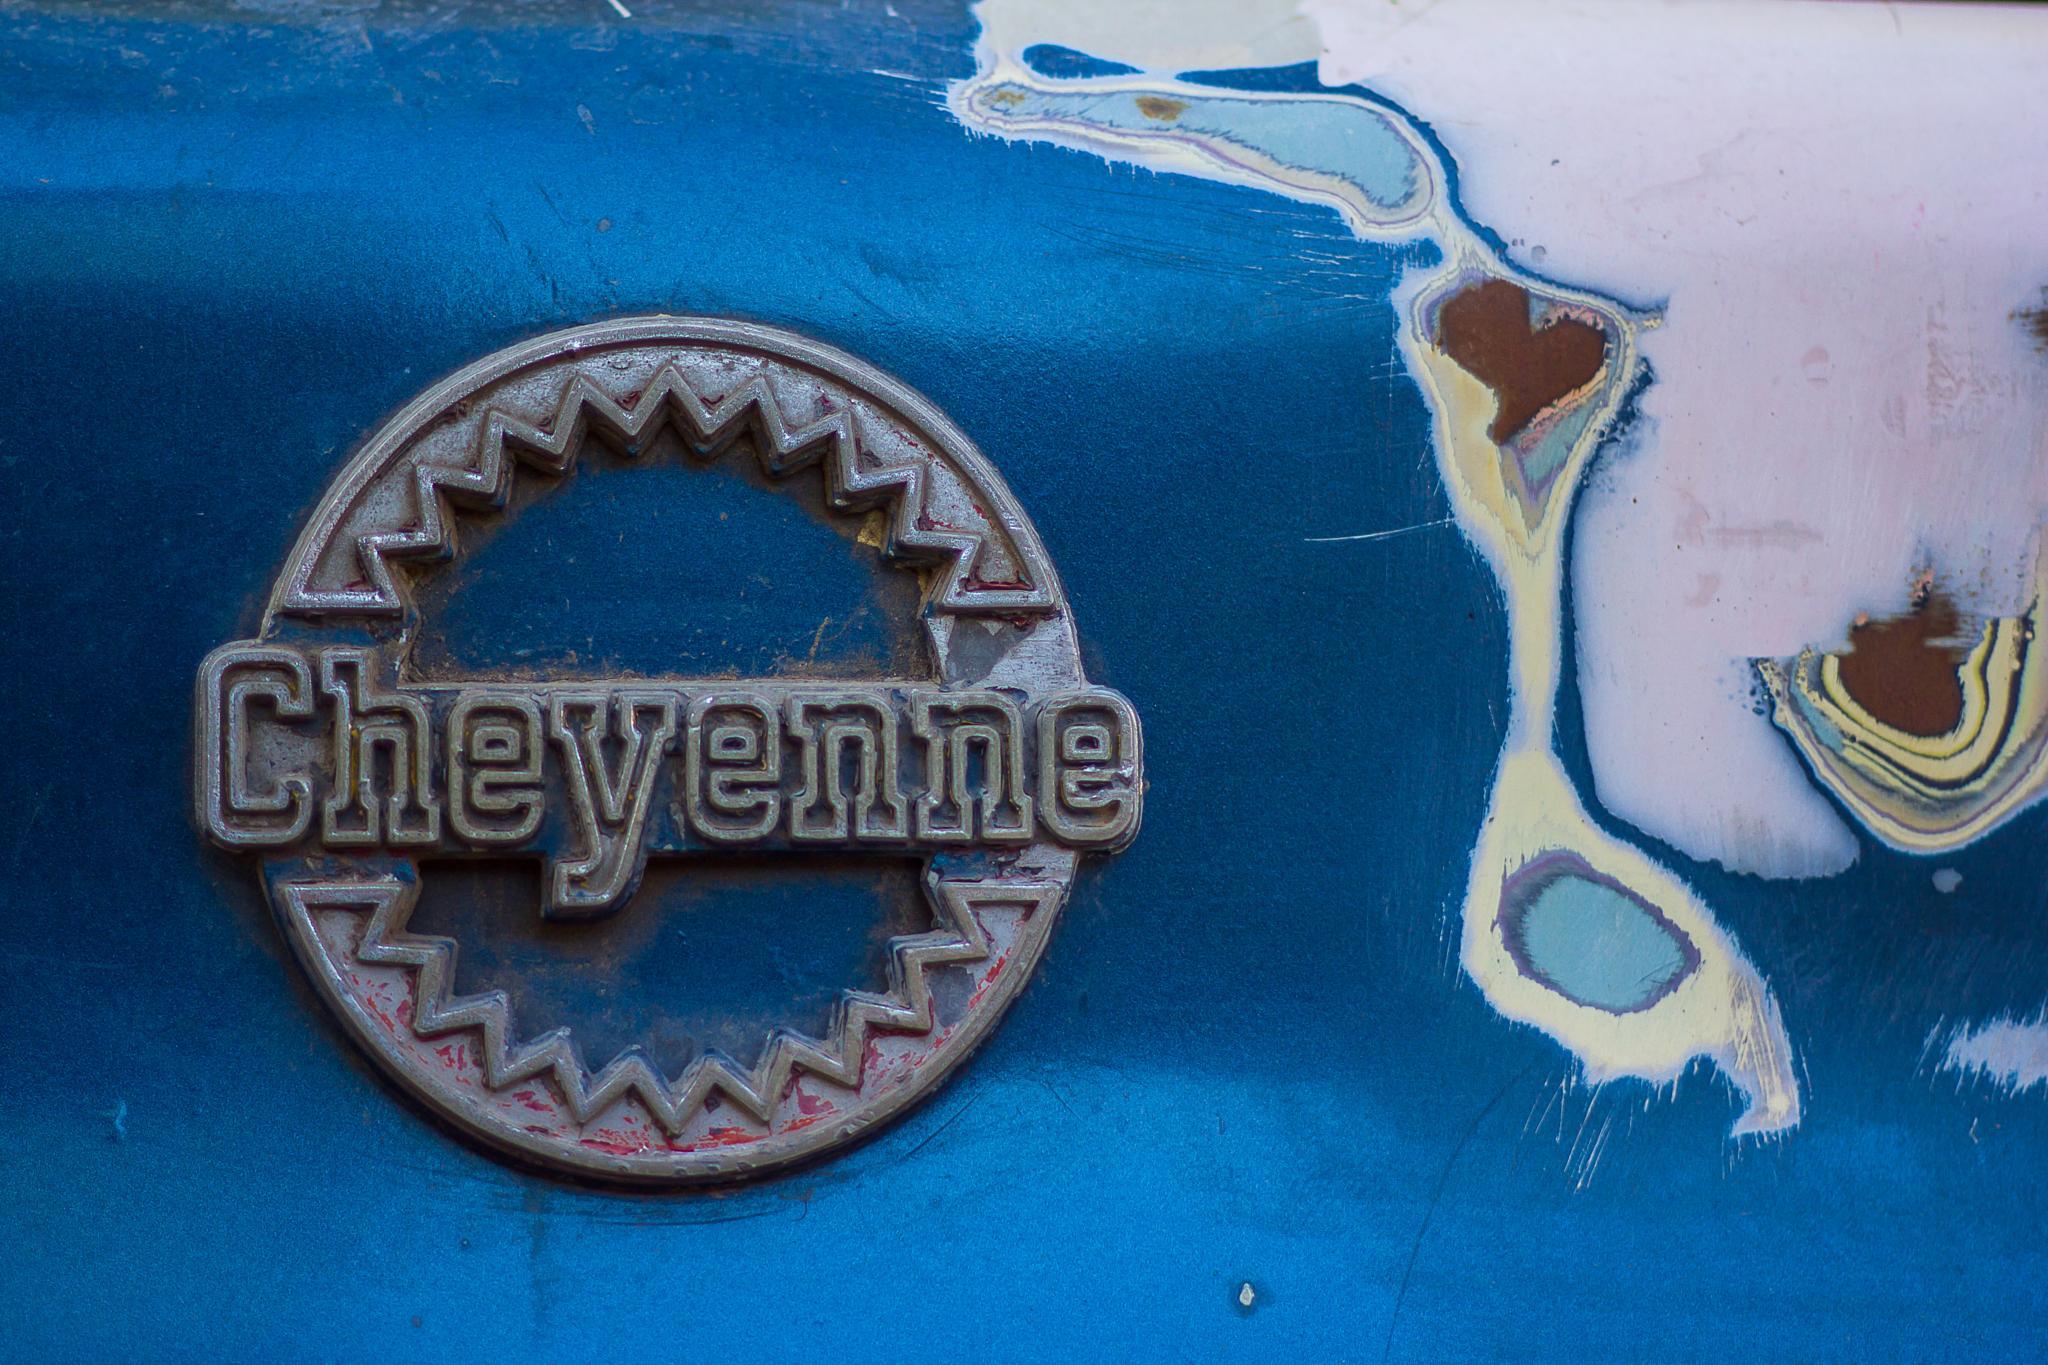 Cheyenne by FlaviuCodorean